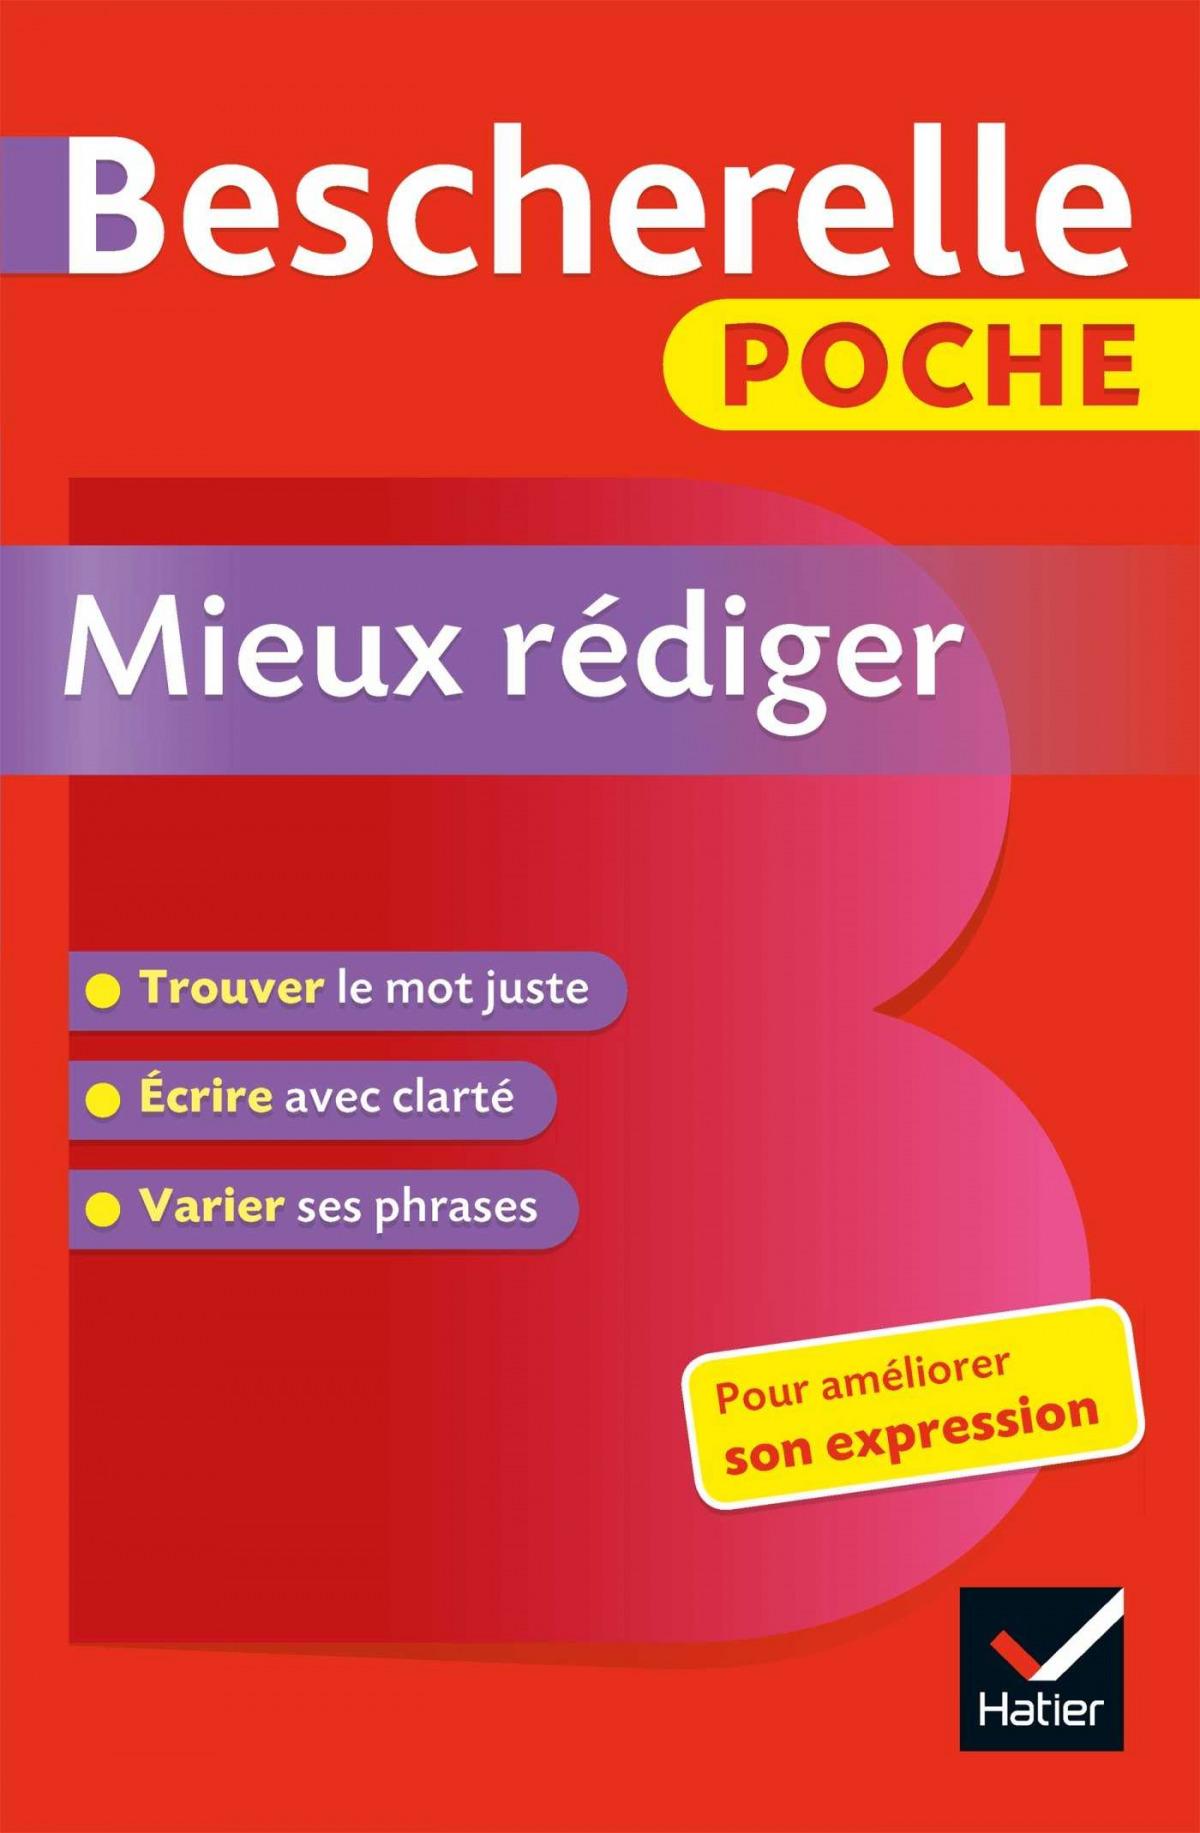 MIEUX REDIGER. BESCHERELLE POCHE